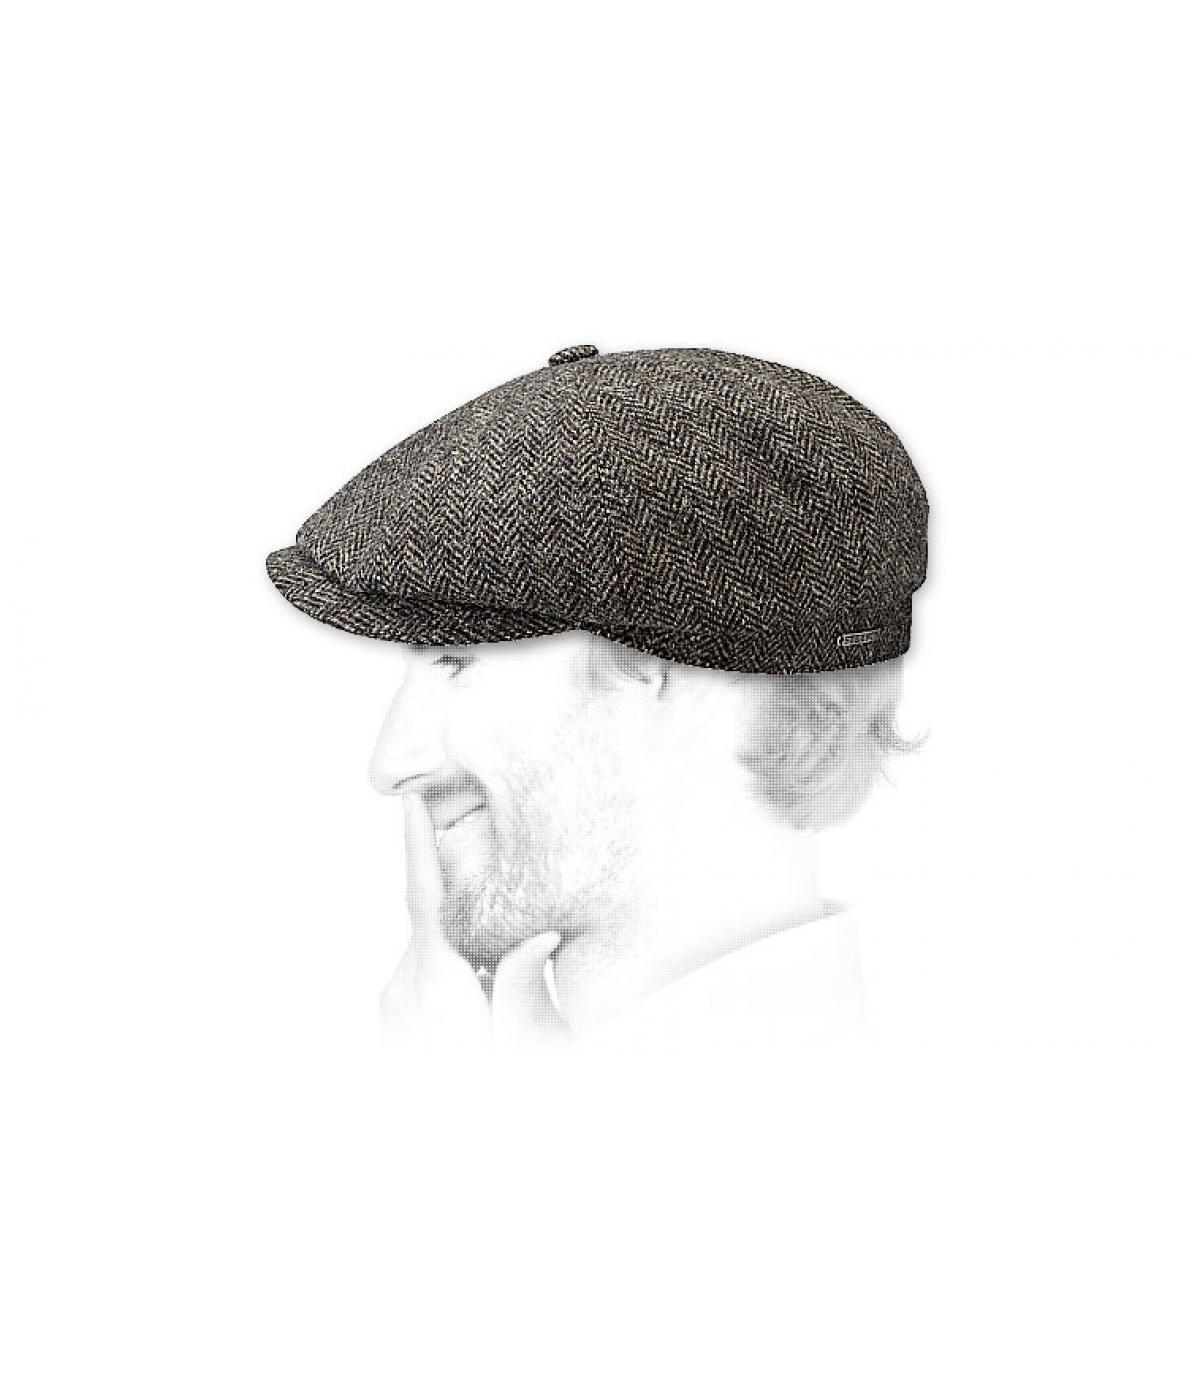 Détails Hatteras woolrich grise foncée - image 3